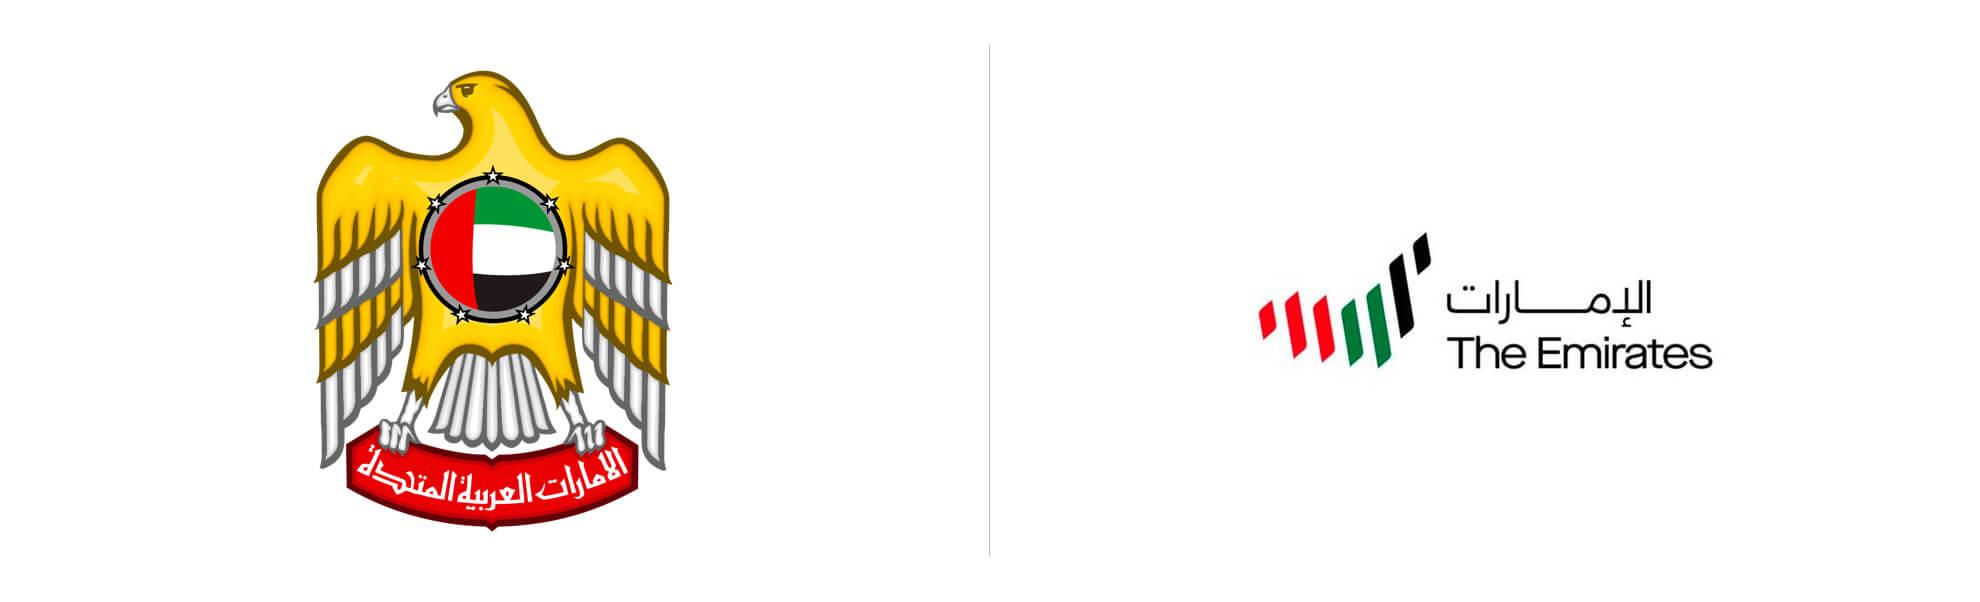 Zjednoczone Emiraty Arabskie wybrały logo poprzez głosowanie internautów